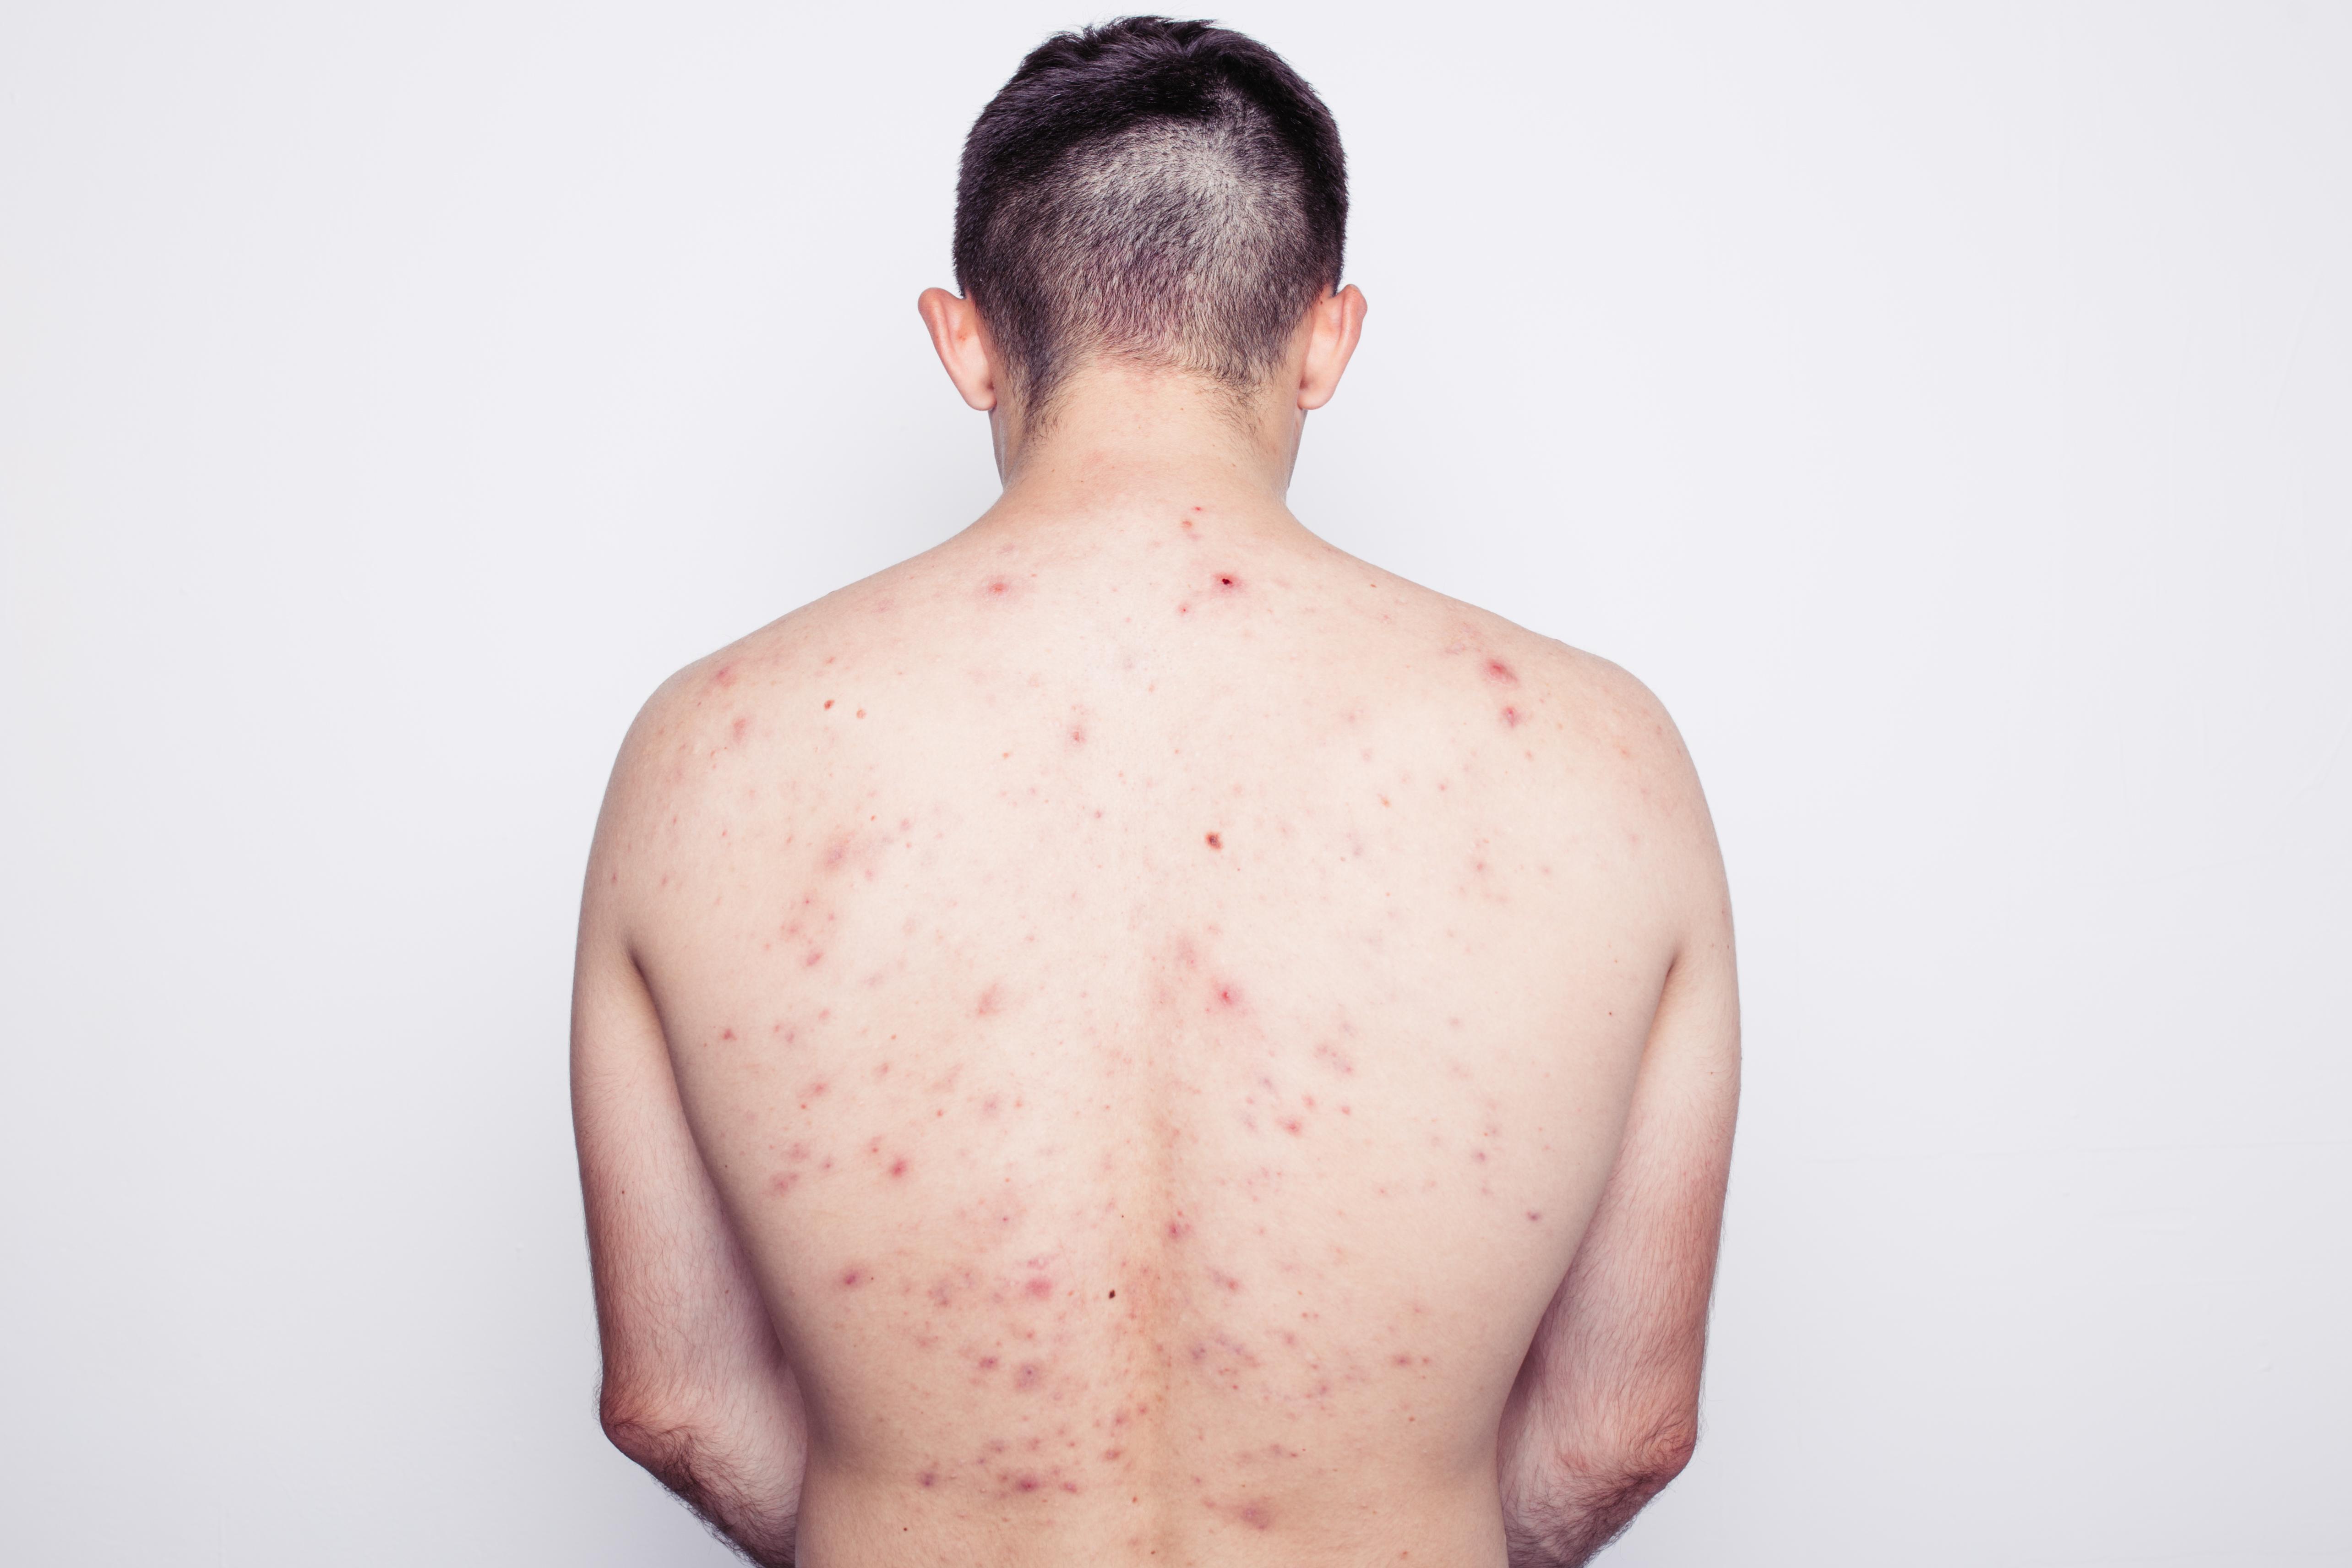 I ansiktet samt på bröst och rygg har vi stora talgkörtlar (men knappt synliga hårstrån) som stimuleras av bland annat hormonpåverkan.